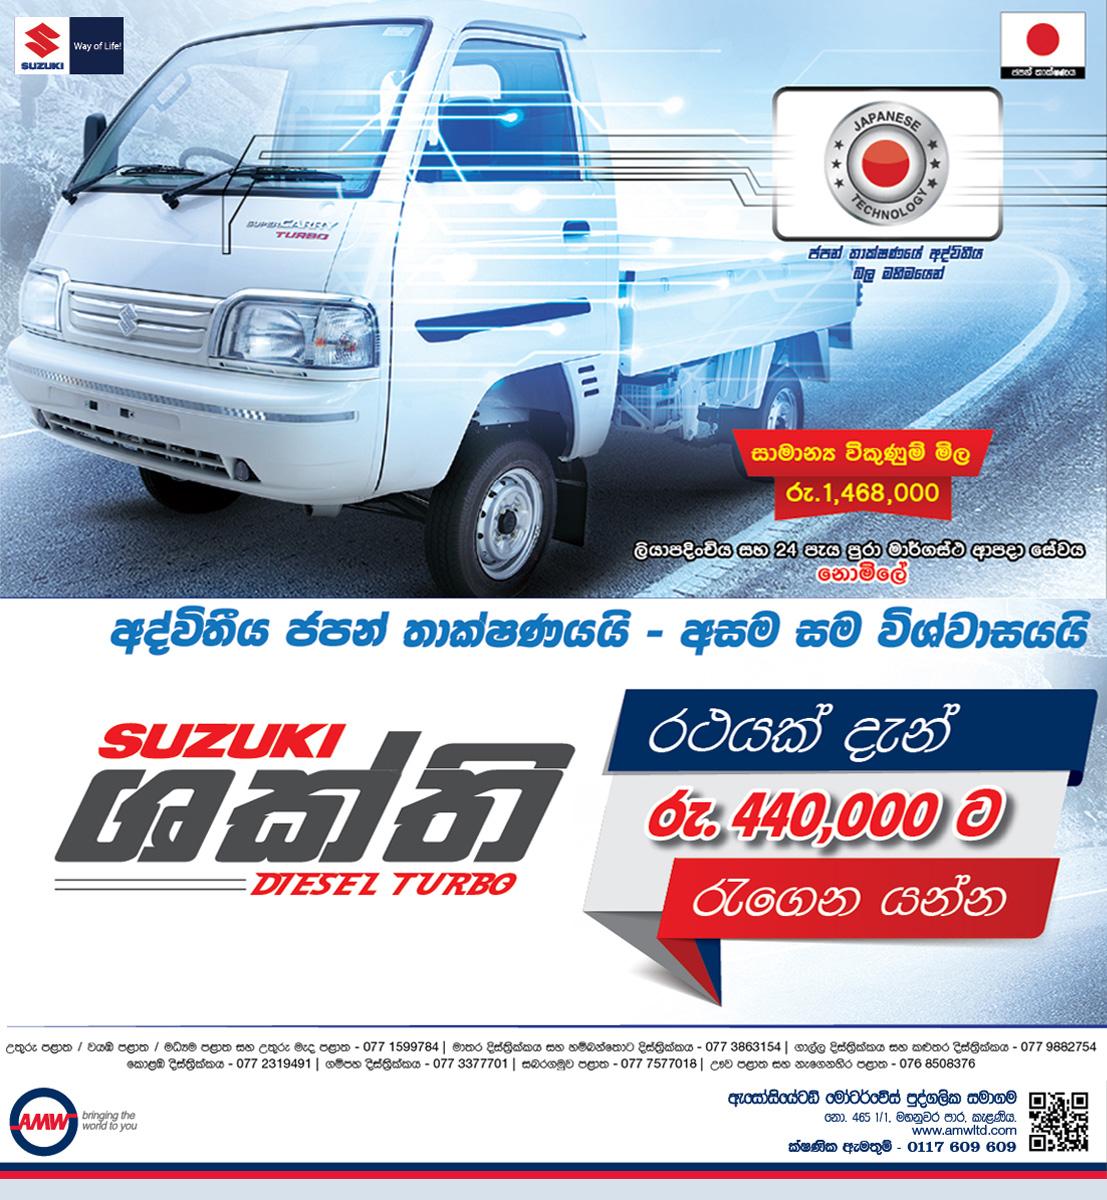 Suzuki Shakthi Offer